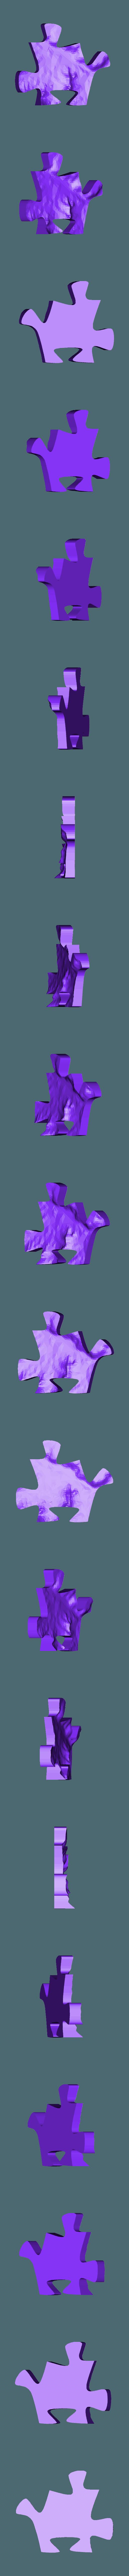 26.stl Télécharger fichier STL gratuit Echelle épique - Terrain - Zion NP • Objet à imprimer en 3D, TCP491016